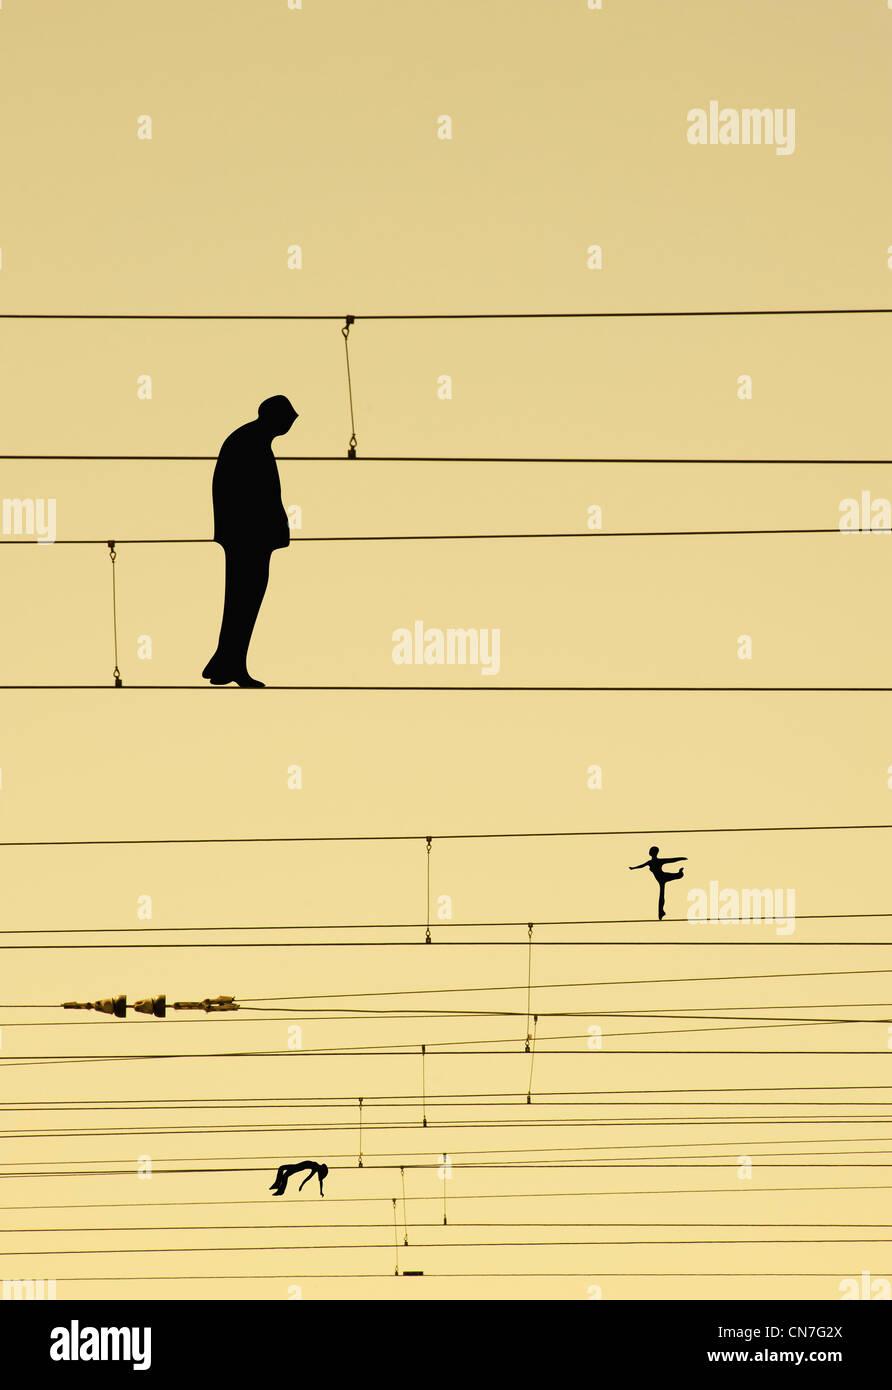 Man walking, balancing on wires. Woman balancing on wires on one leg. Woman lying on the wires. - Stock Image